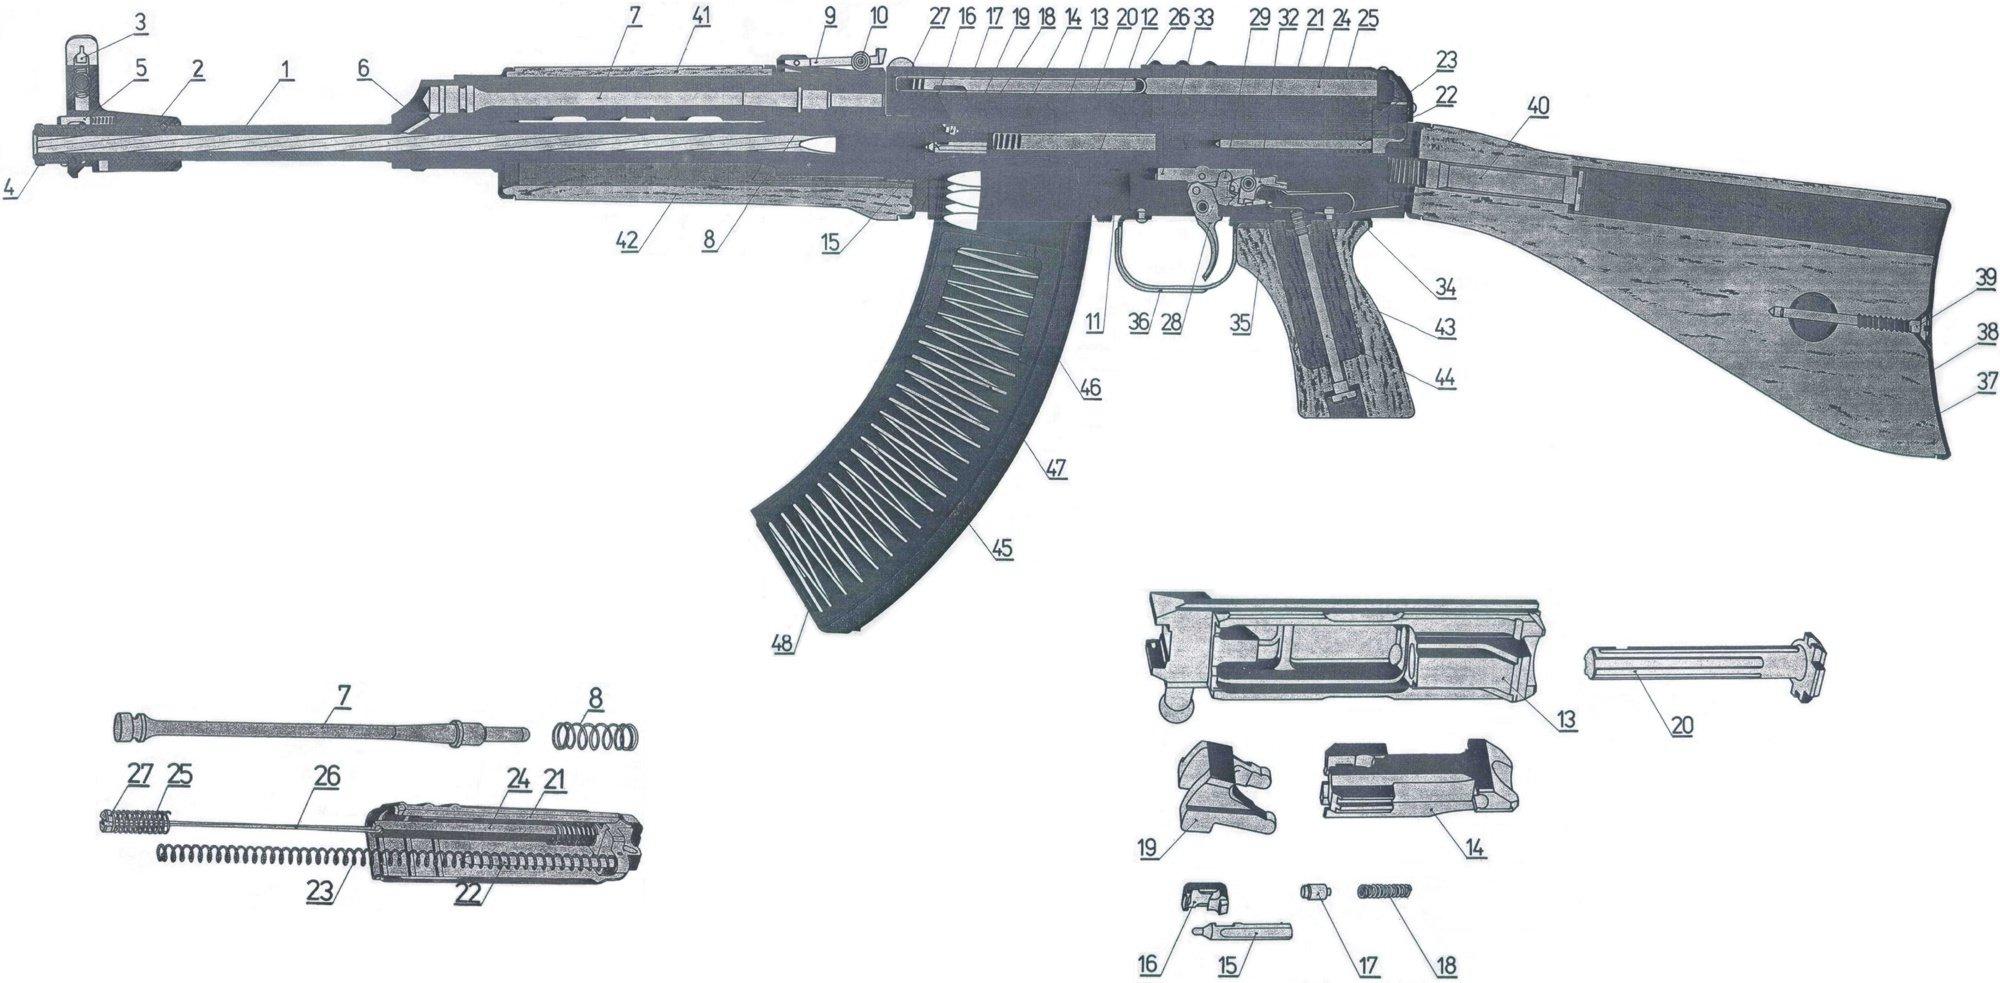 CZ 858 / Vz  58 Ejector, MilSurp, NOS